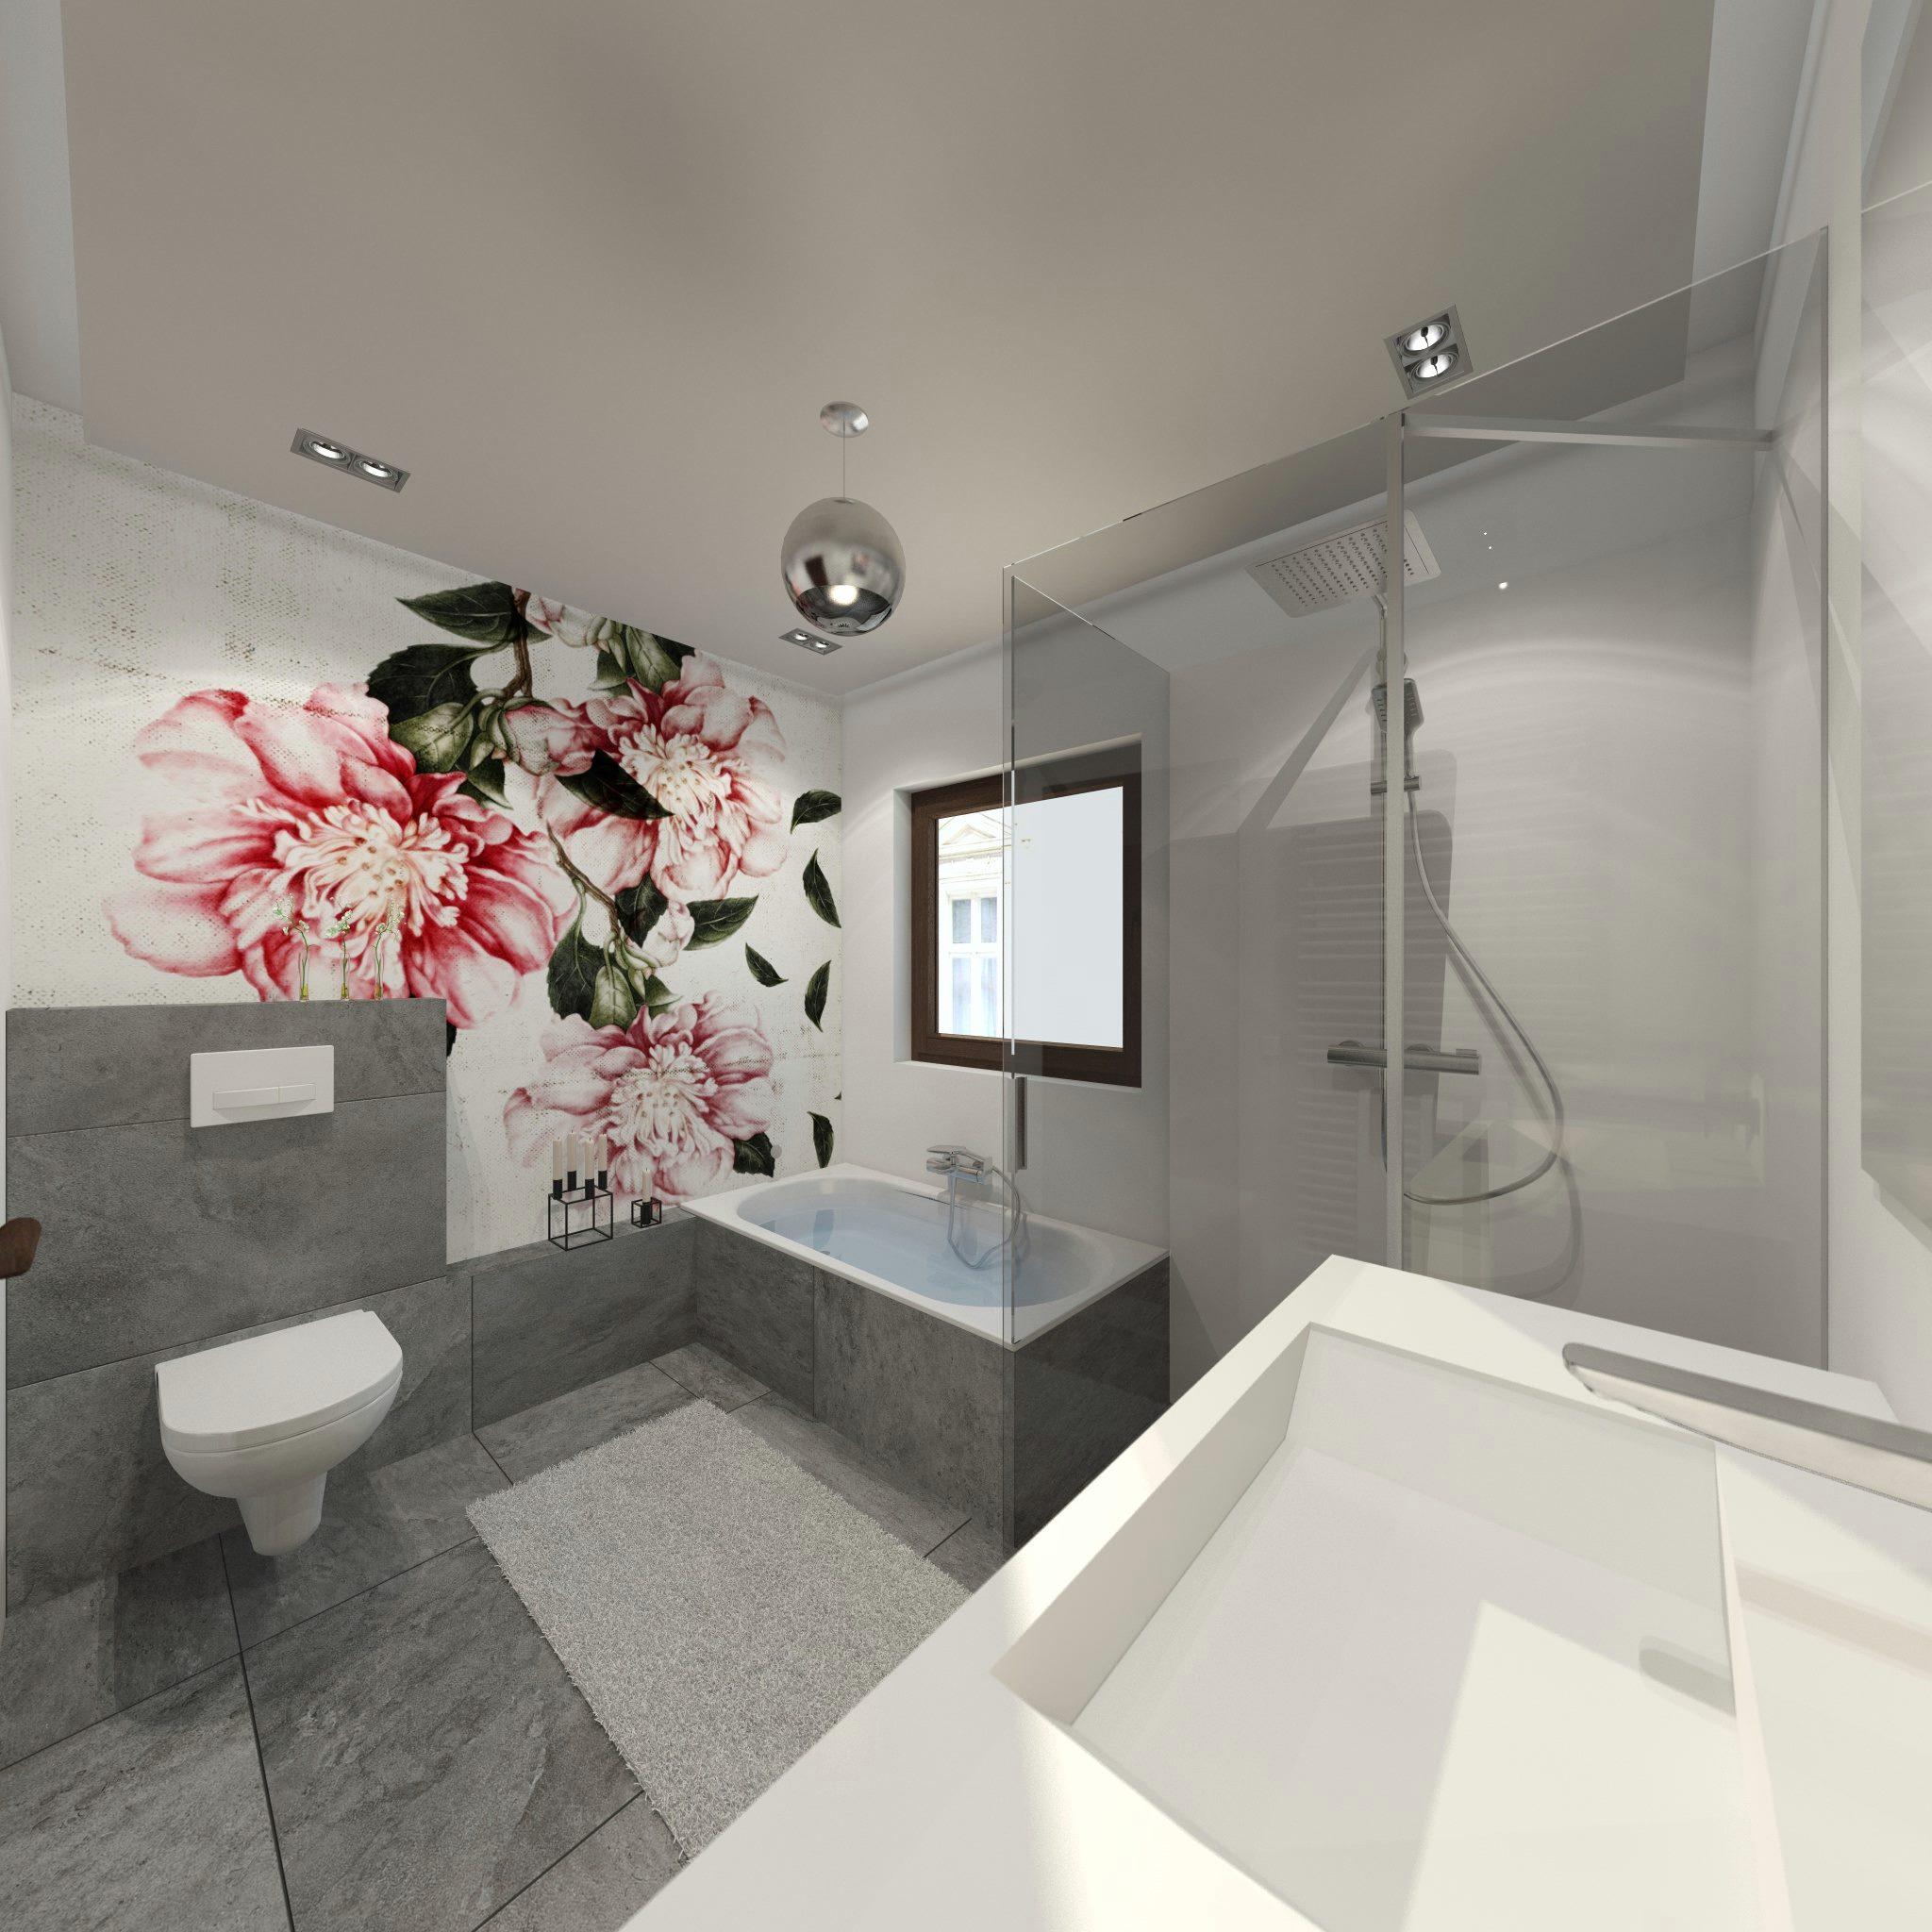 Совмещенная ванная комната с рисунком на стене